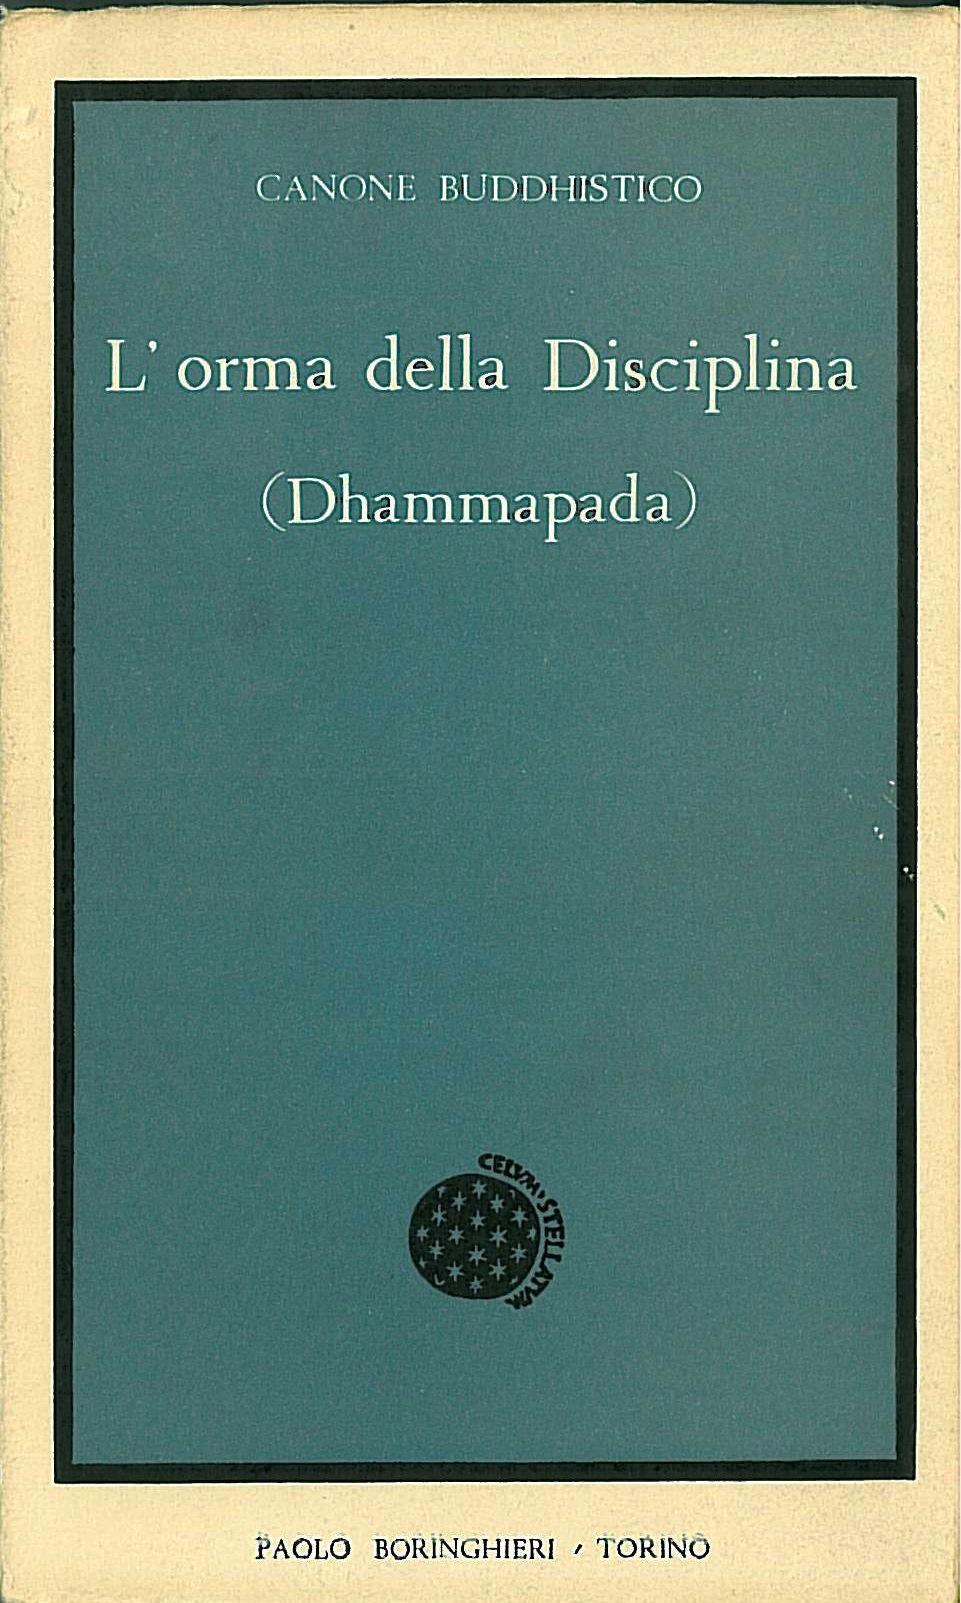 L'orma della disciplina